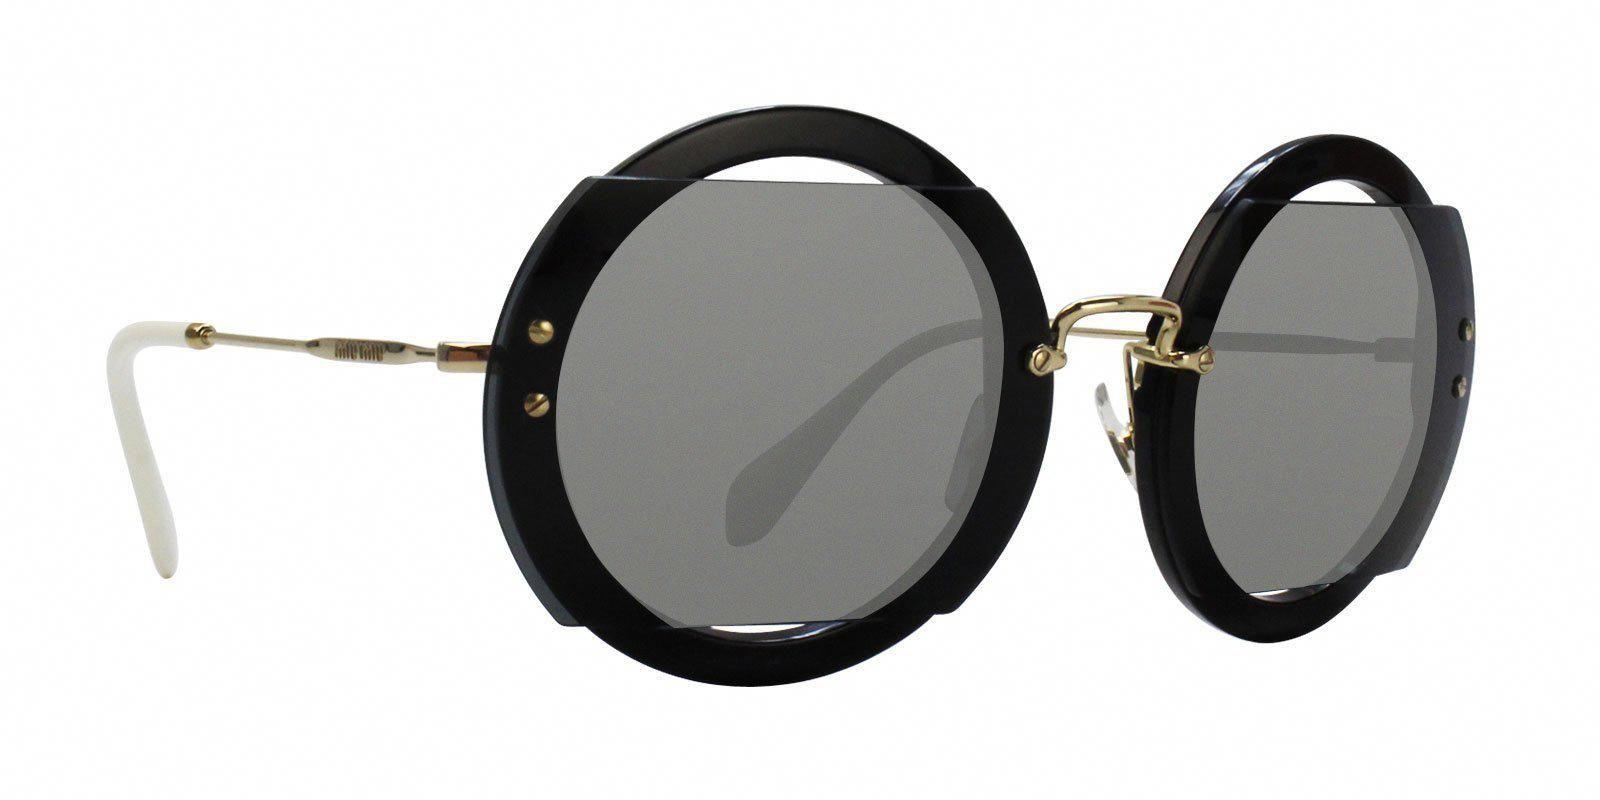 5d1612596f8 Miu Miu - MU06SS Black - Gray sunglasses